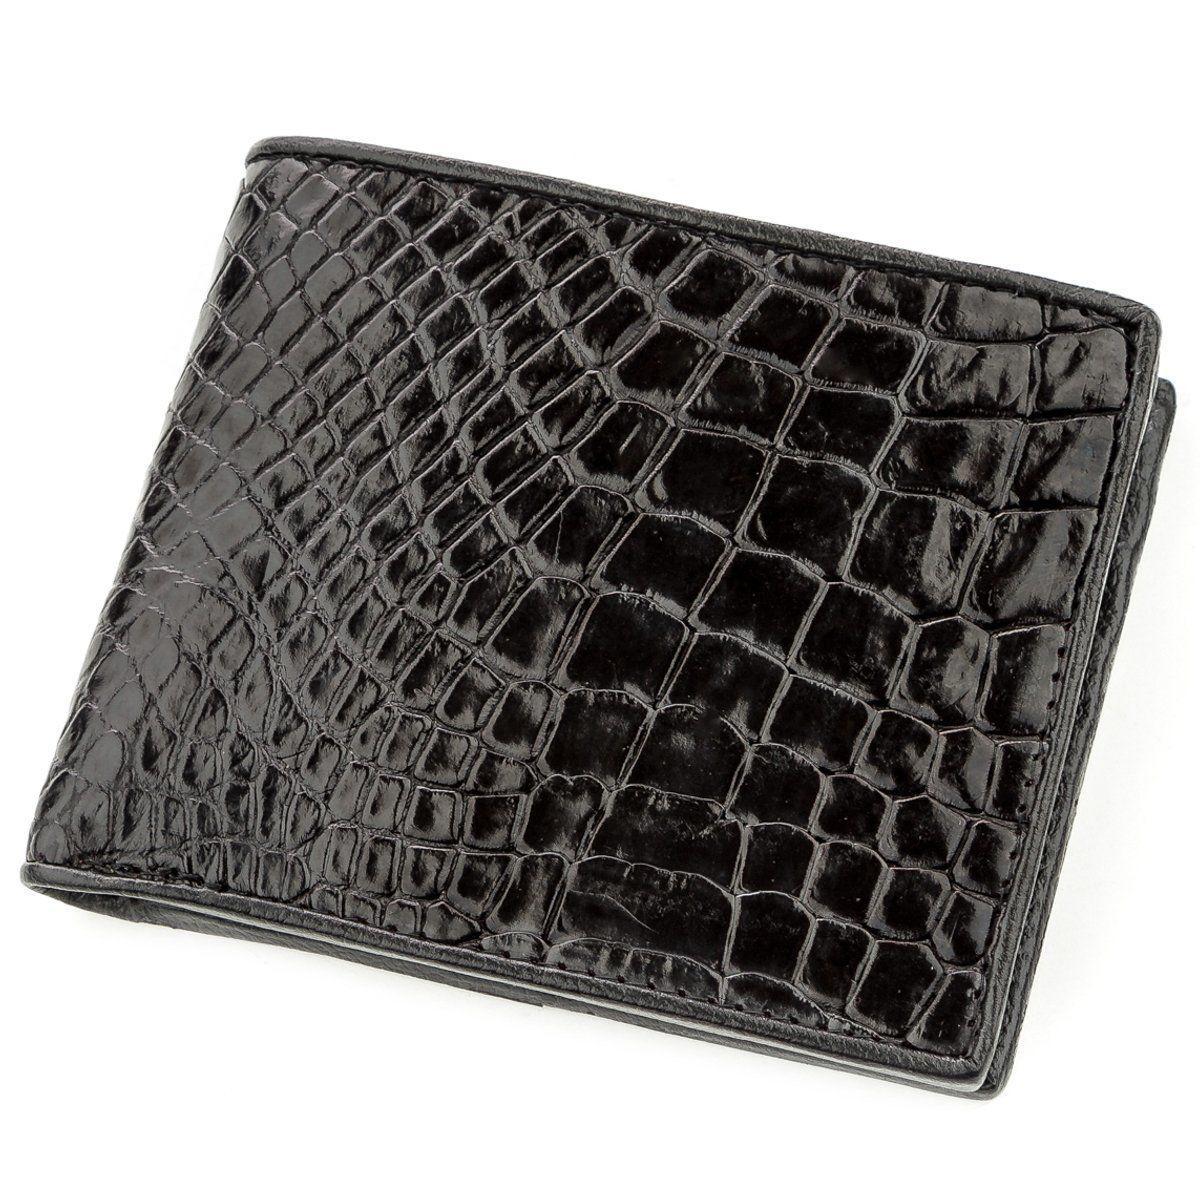 Портмоне CROCODILE LEATHER 18528 из натуральной кожи крокодила Черное, Черный